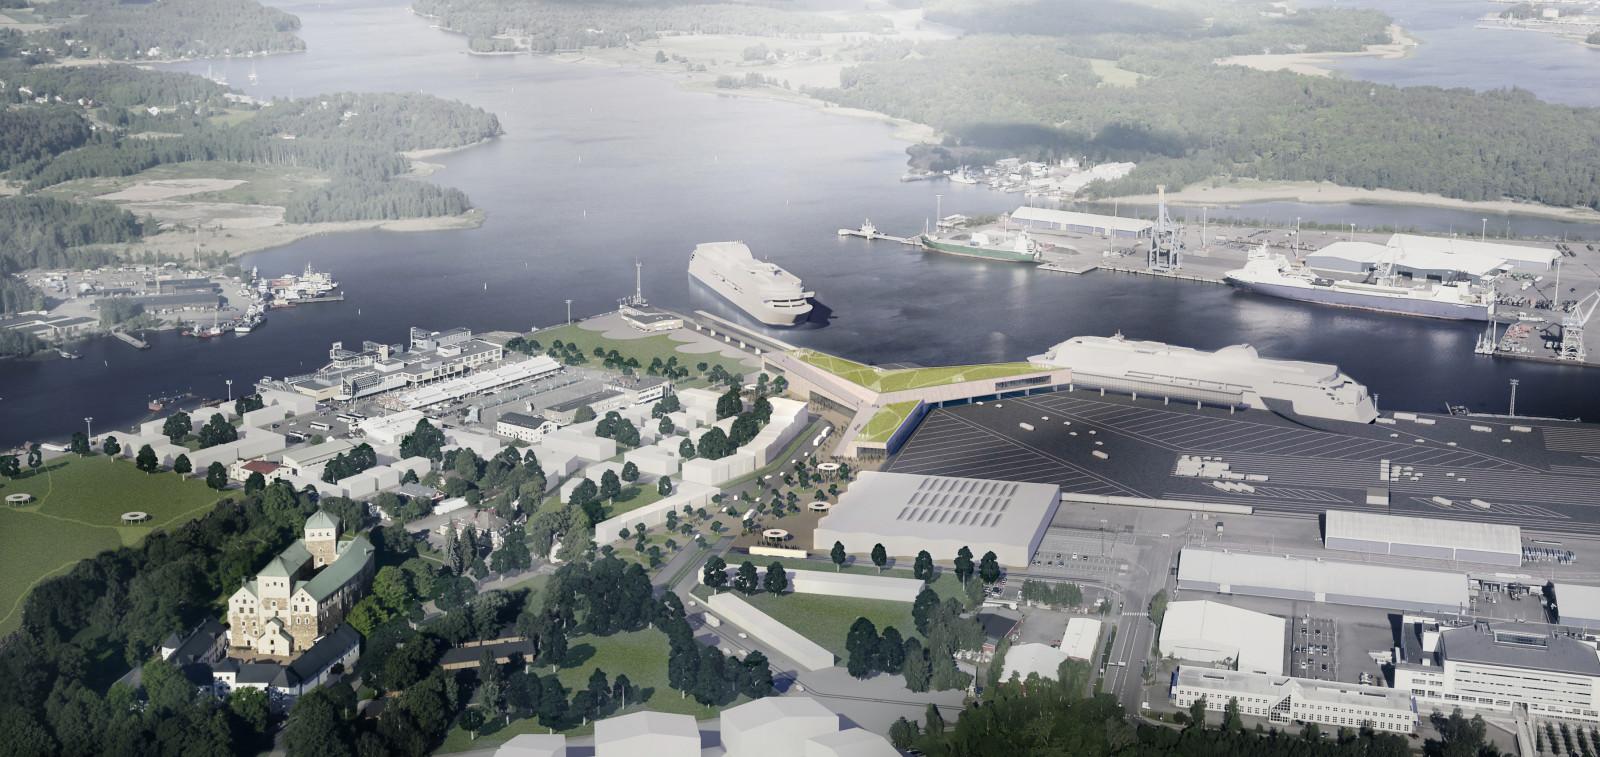 Havainnekuva satama-alueesta